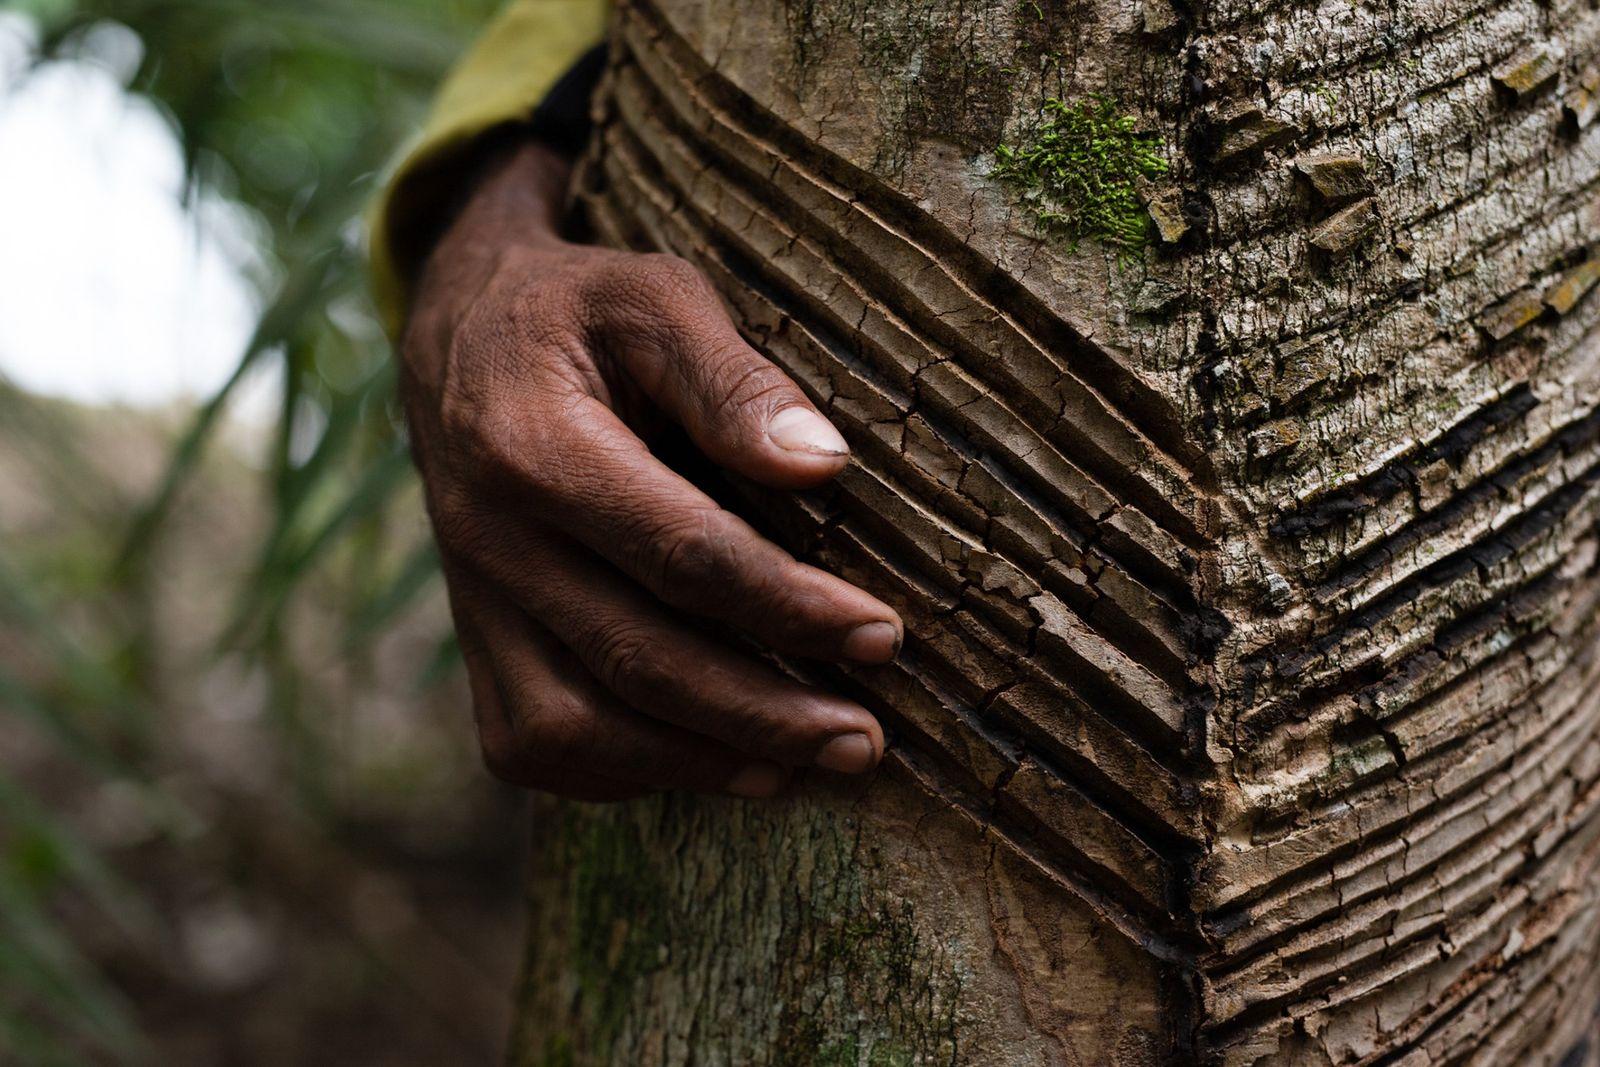 Com extrativismo sustentável, povos da floresta resistem ao desmatamento